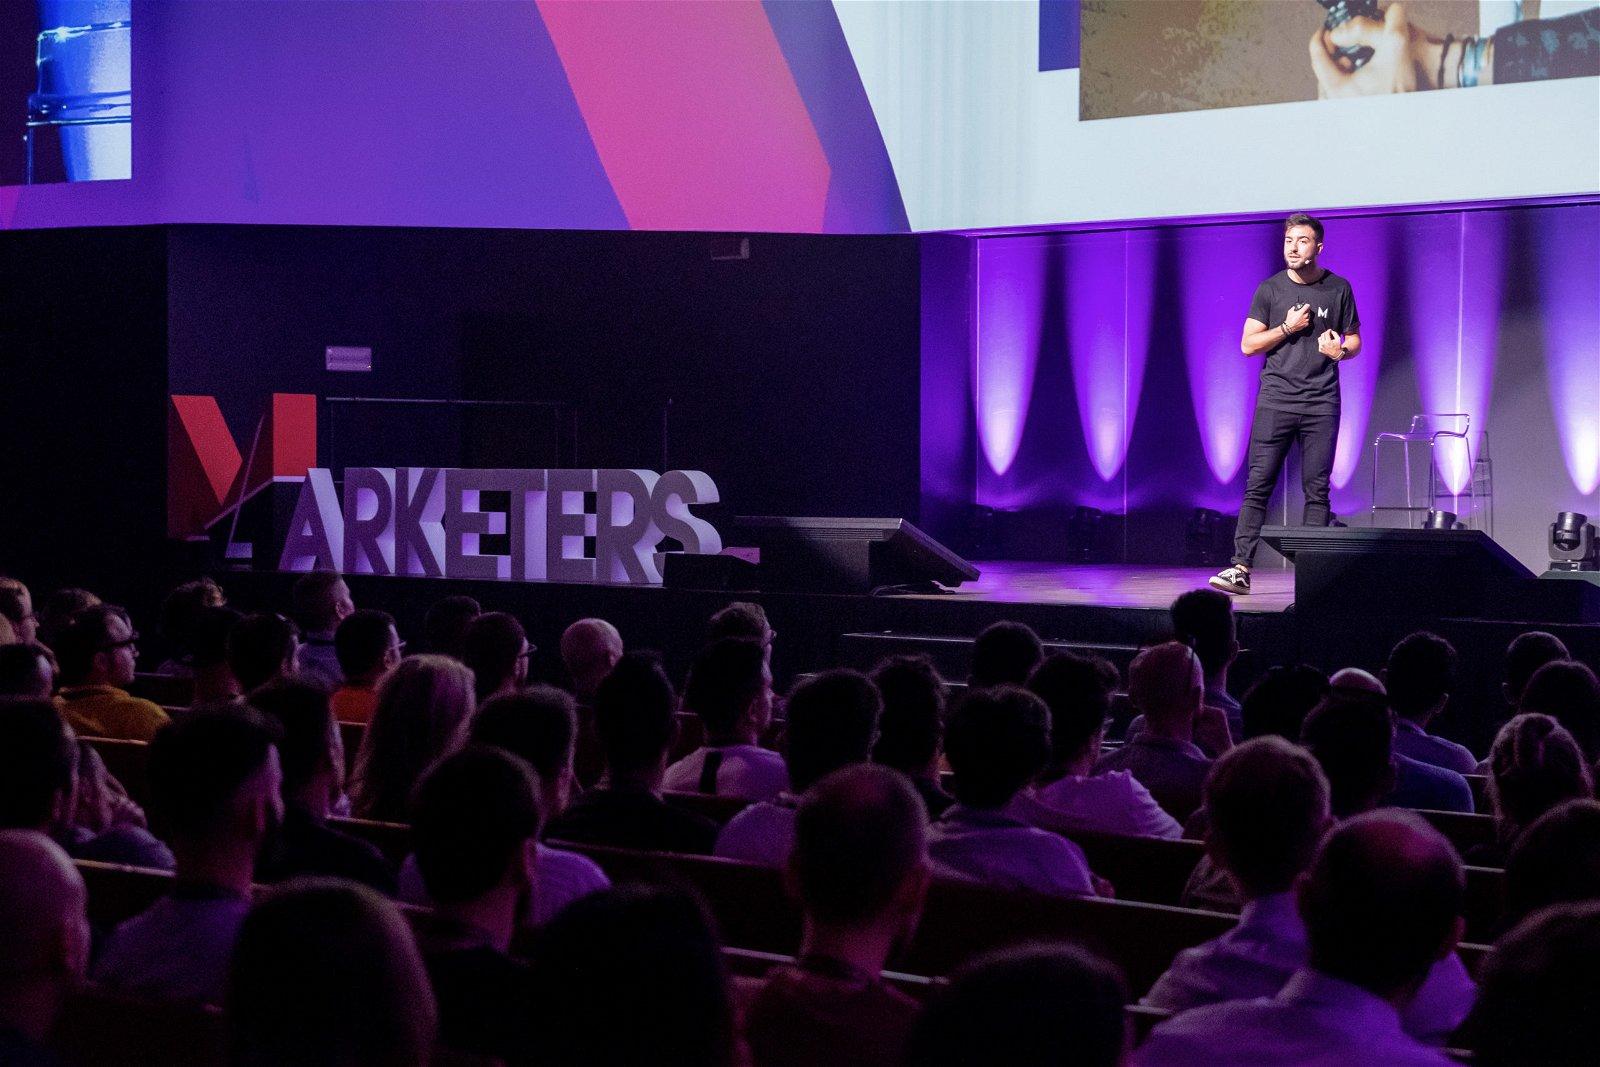 public speaking dario vignali sul palco marketers word